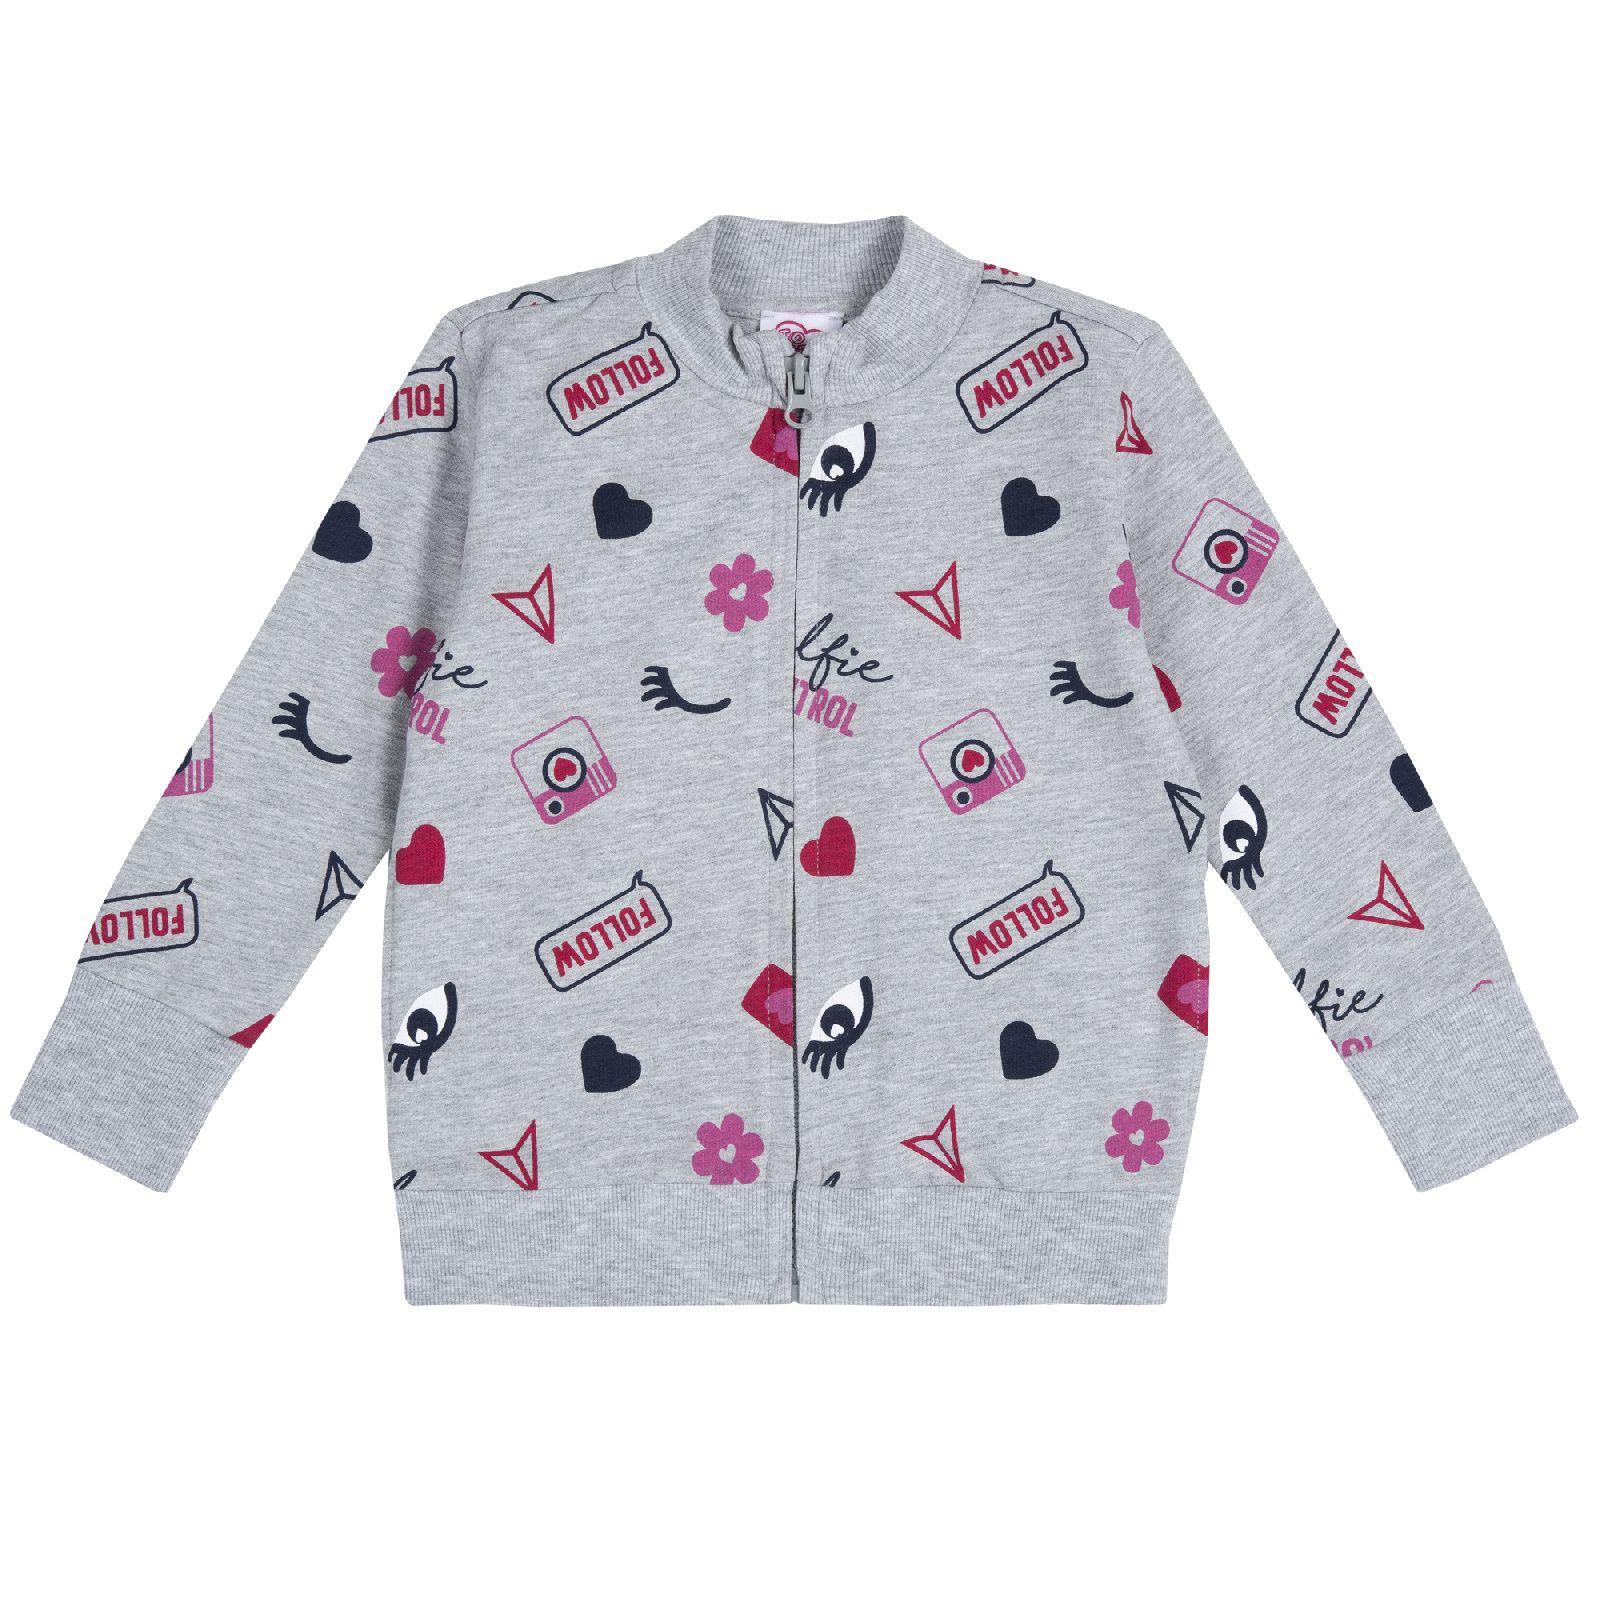 Купить 9009356, Толстовка для девочек Chicco Глазки, цвет серый, размер 104, Толстовки для девочек